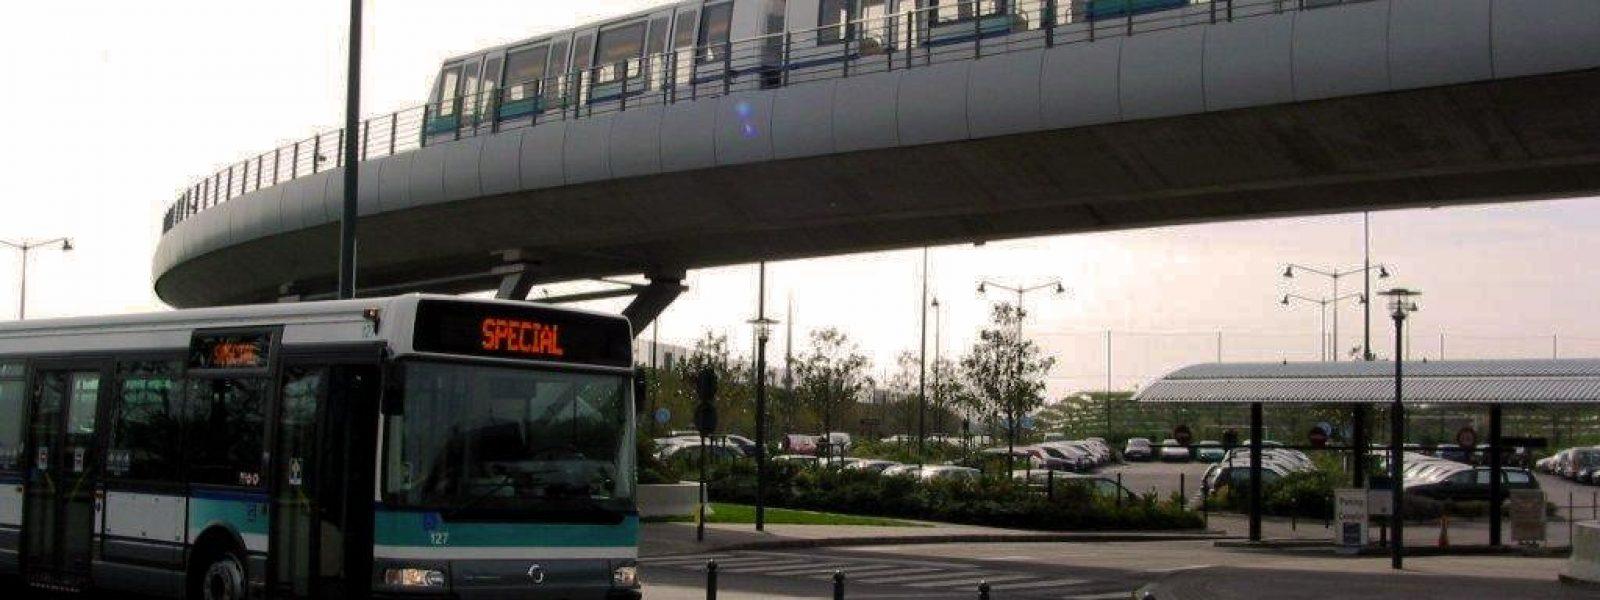 Bus et métro à Rennes